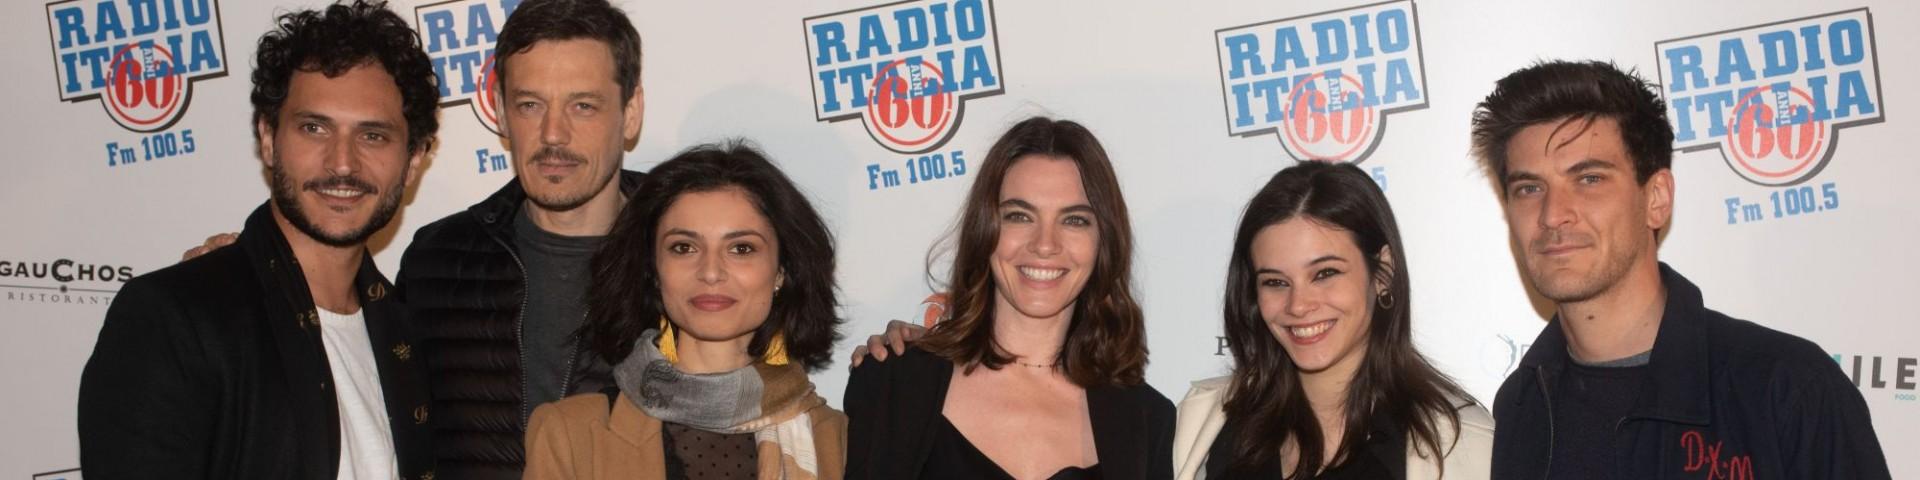 Radio Italia Anni '60 - Le foto dell'exclusive party a Roma